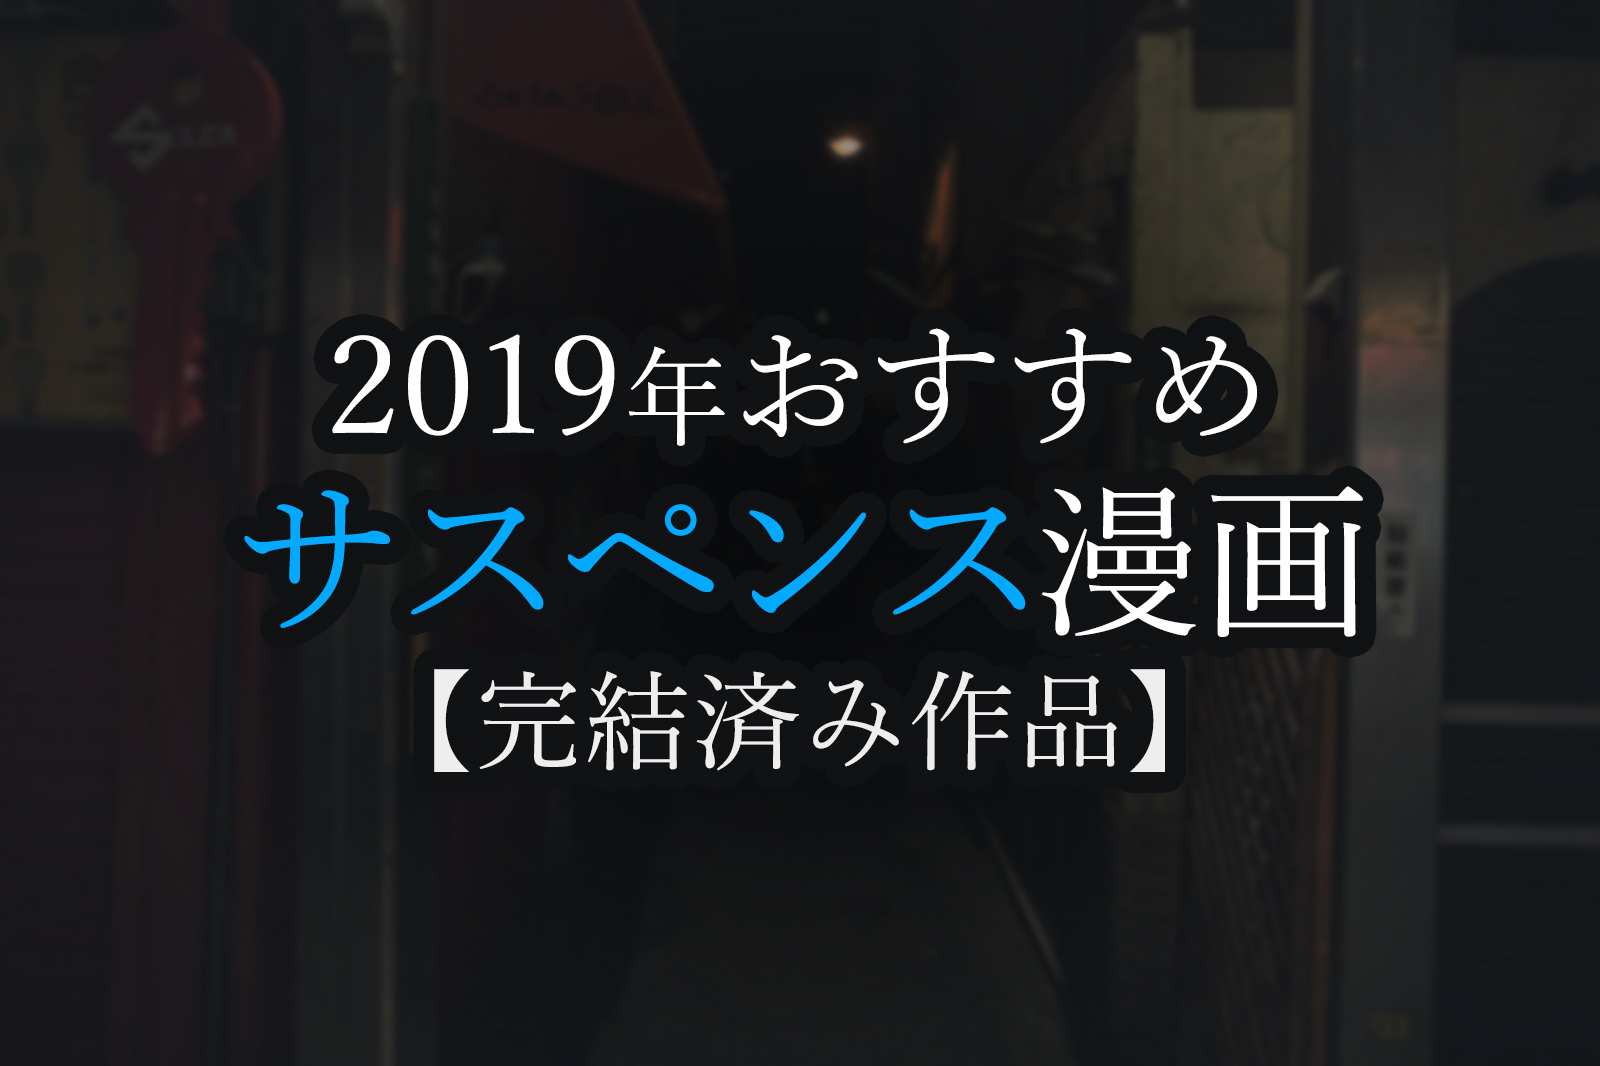 2019年おすすめサスペンス漫画【完結済み作品】